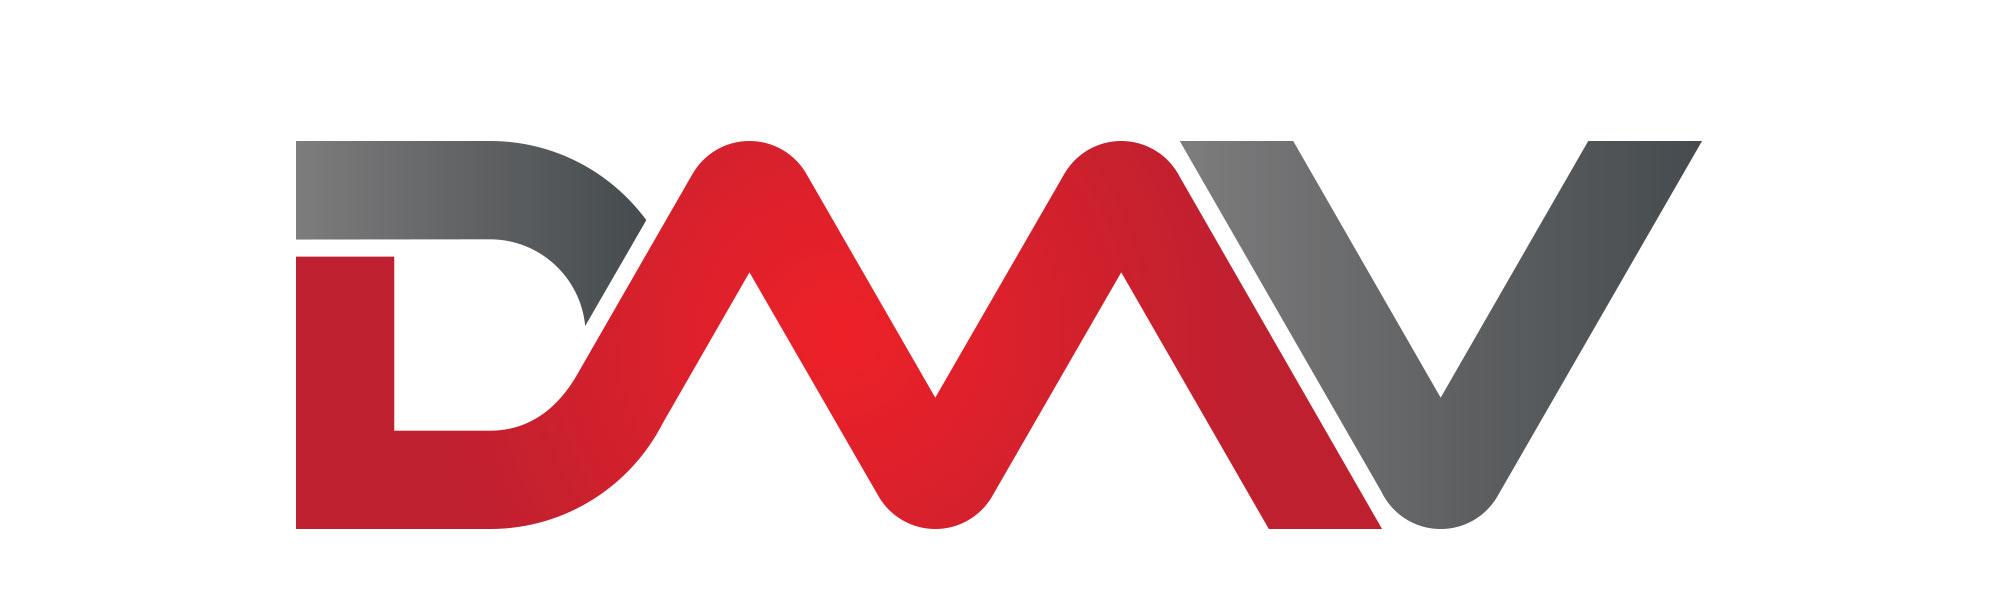 dmv logo redesign